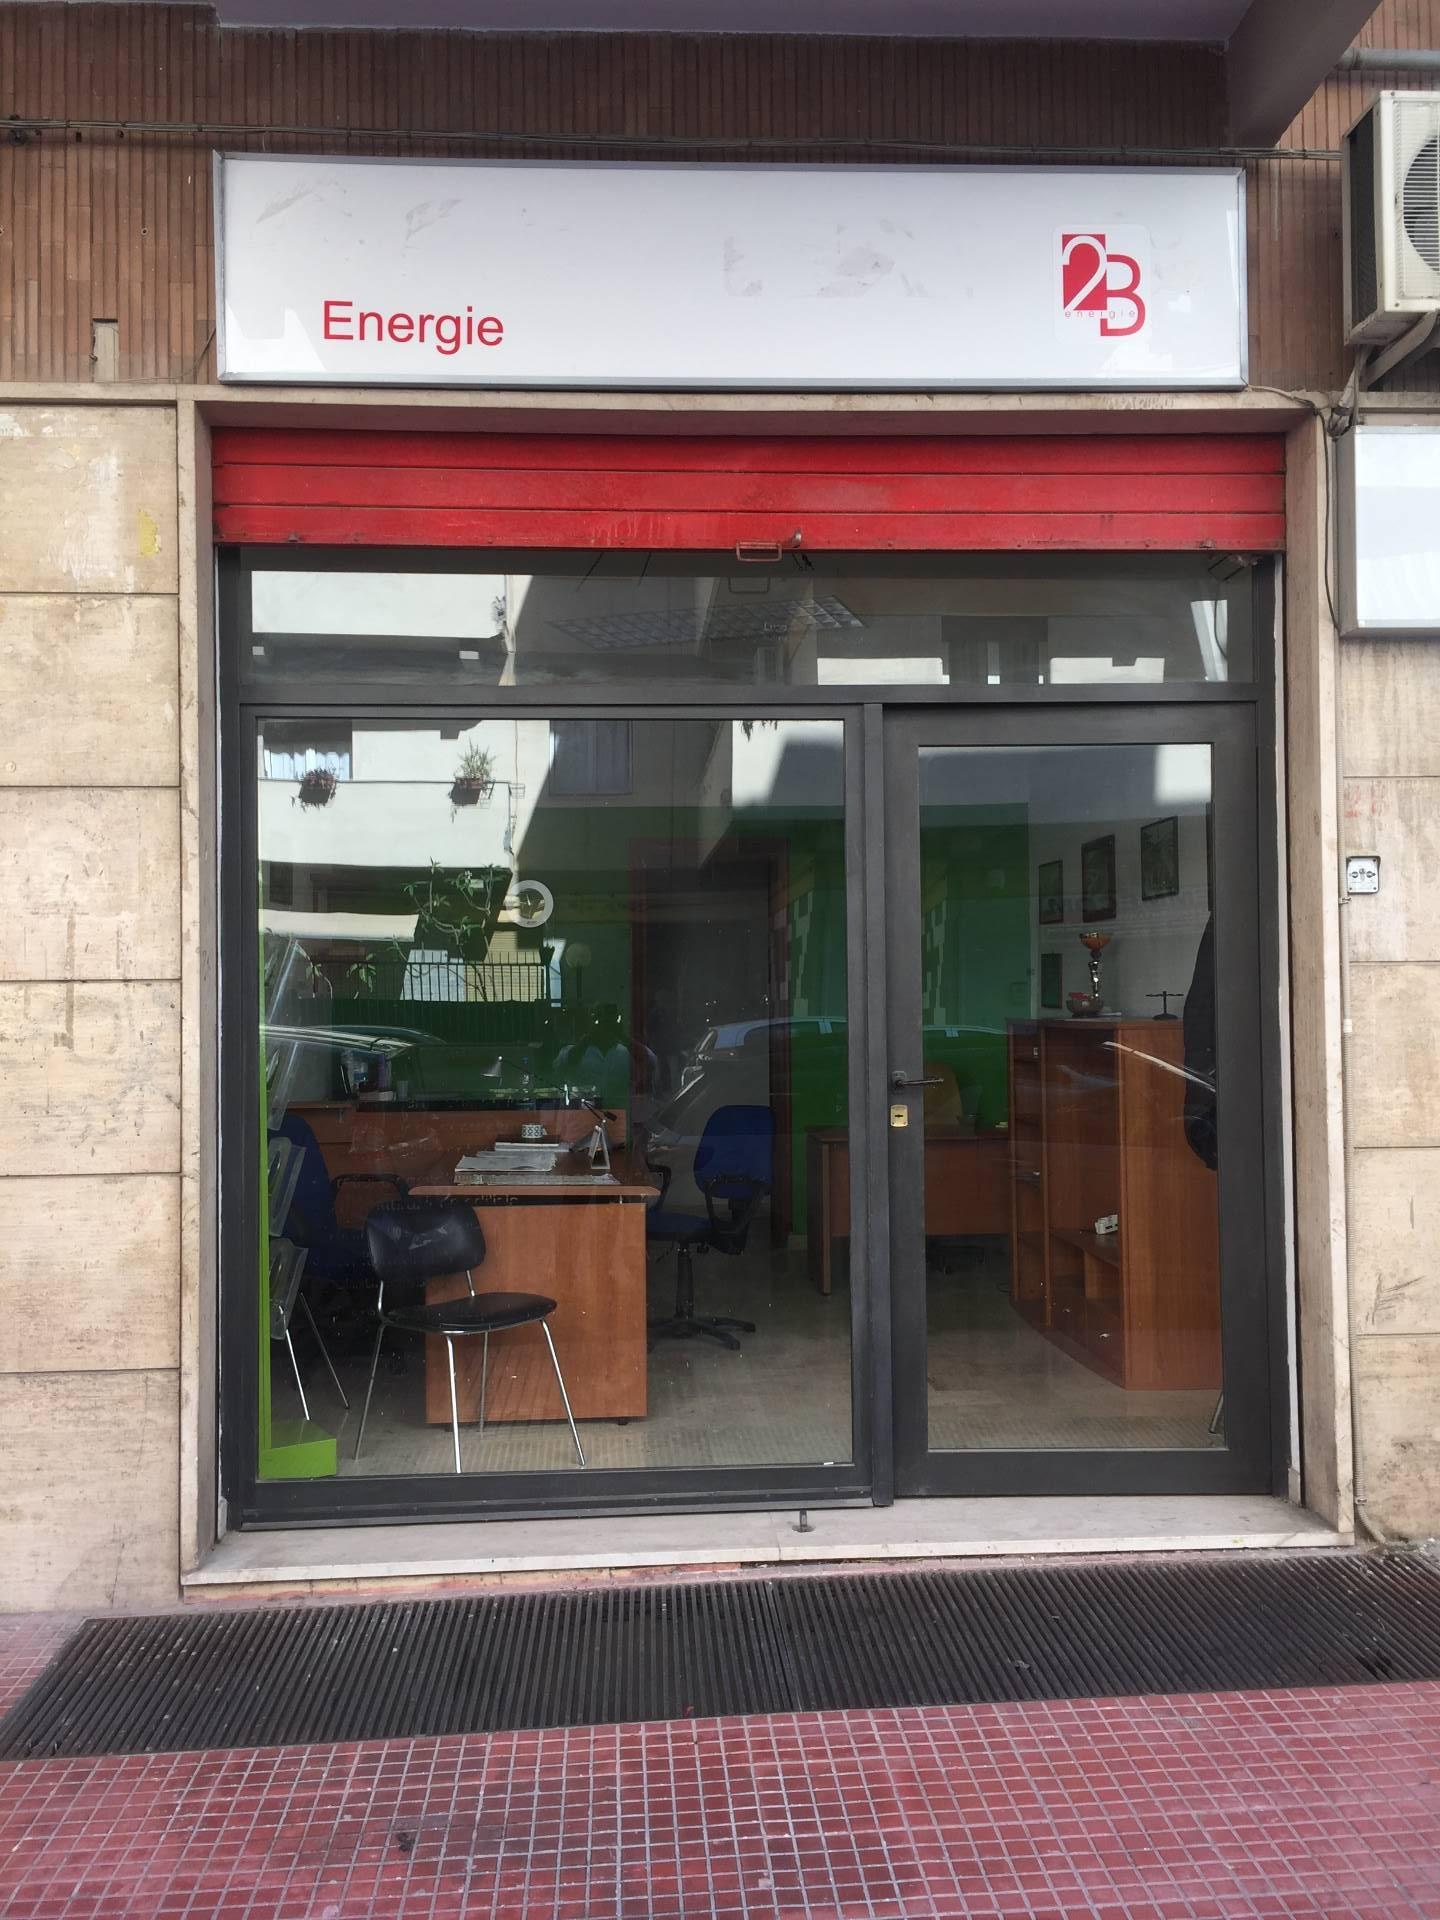 Ufficio / Studio in affitto a Palermo, 9999 locali, zona Località: villabianca, prezzo € 400 | CambioCasa.it